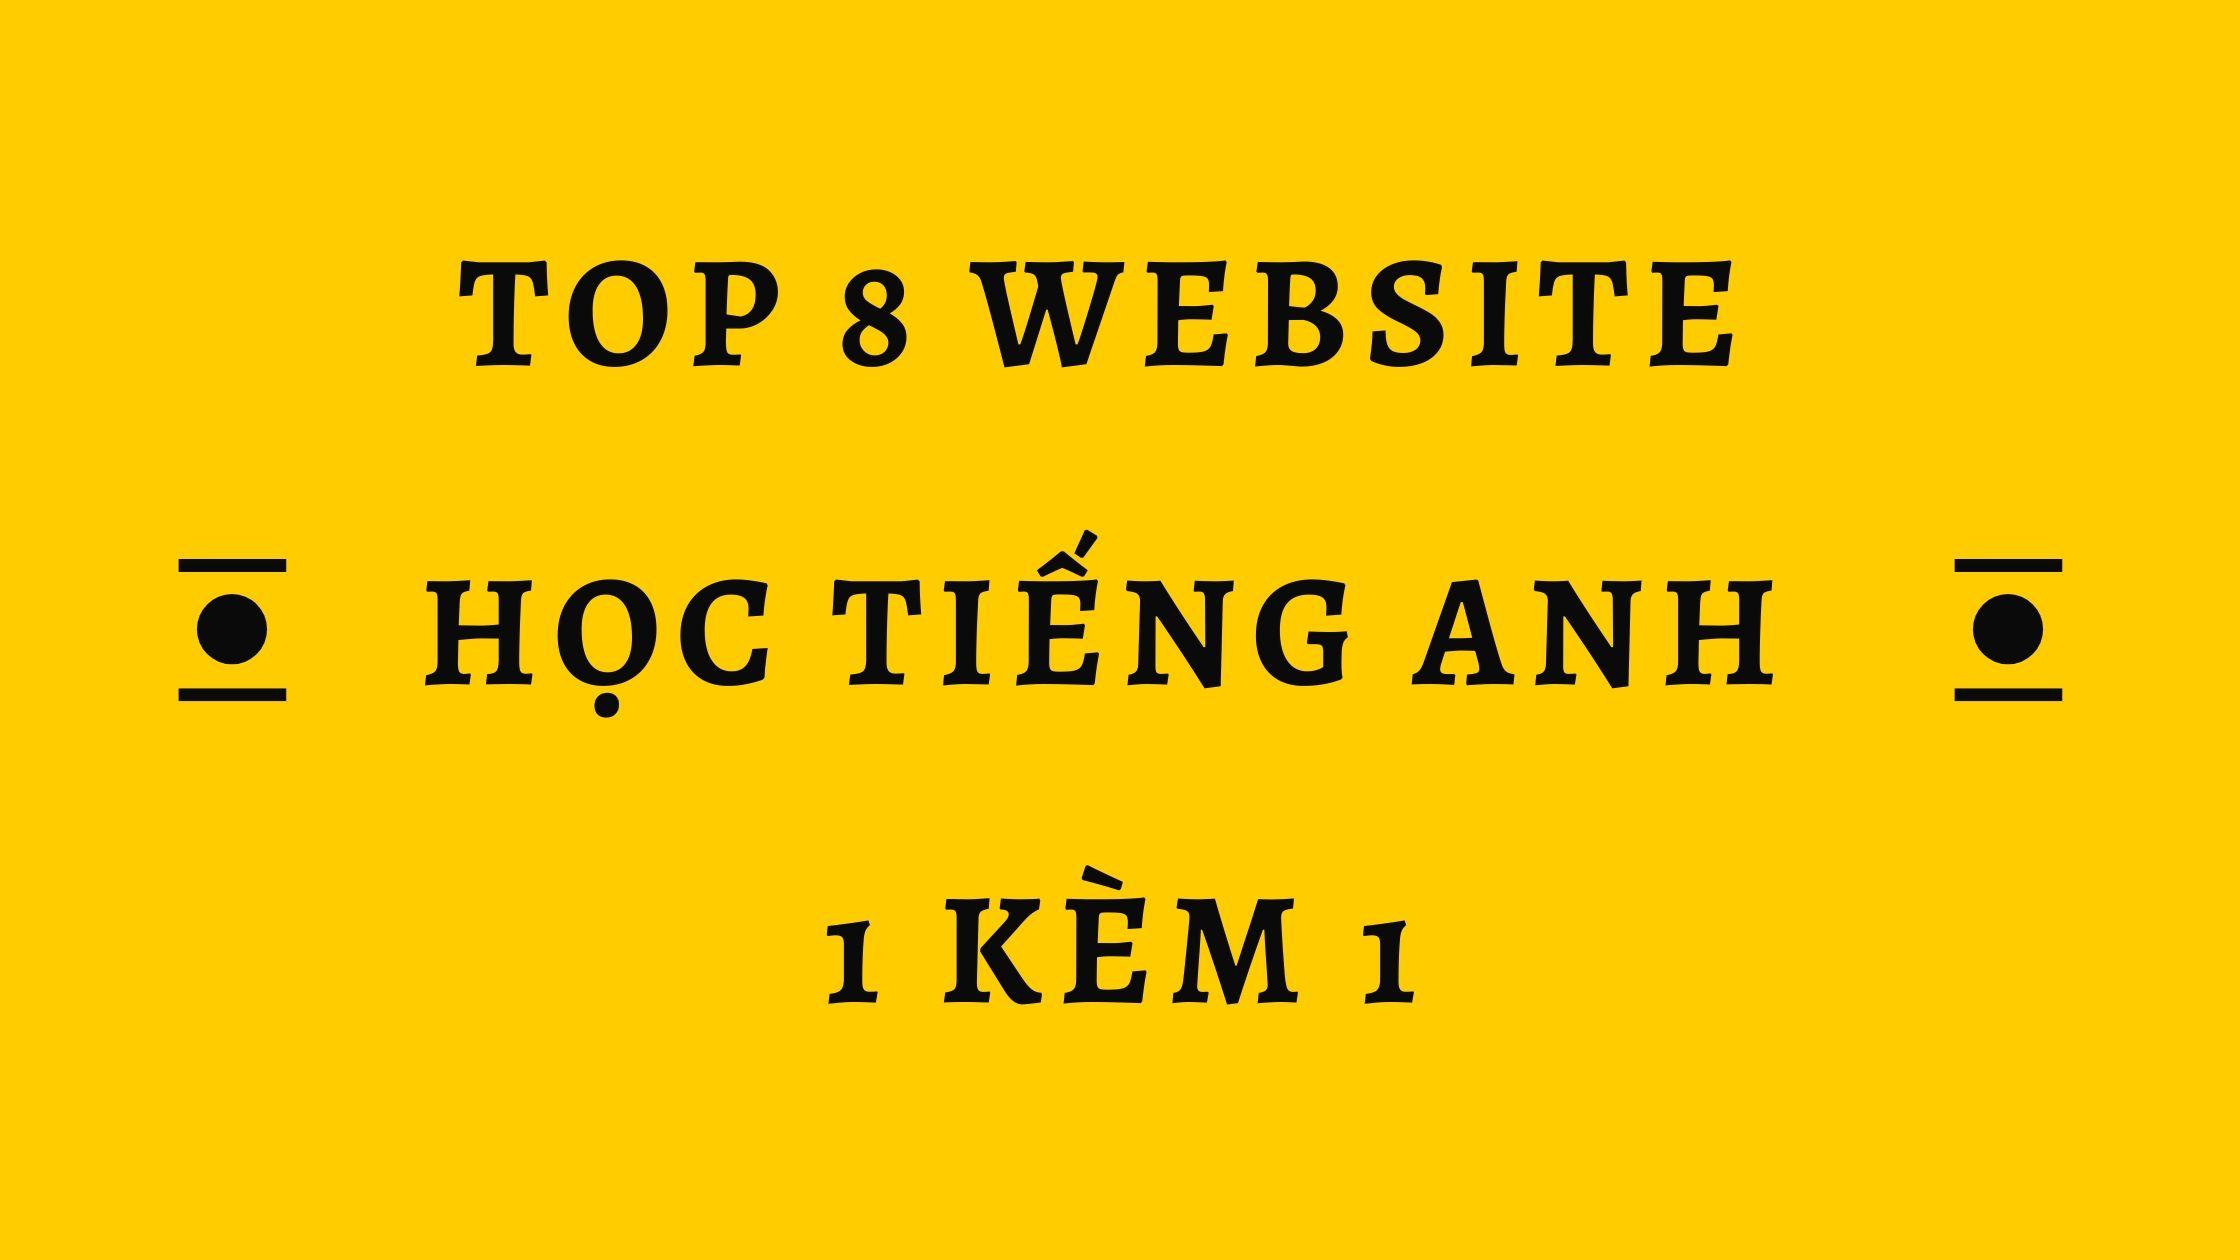 hoc 1 kem 1